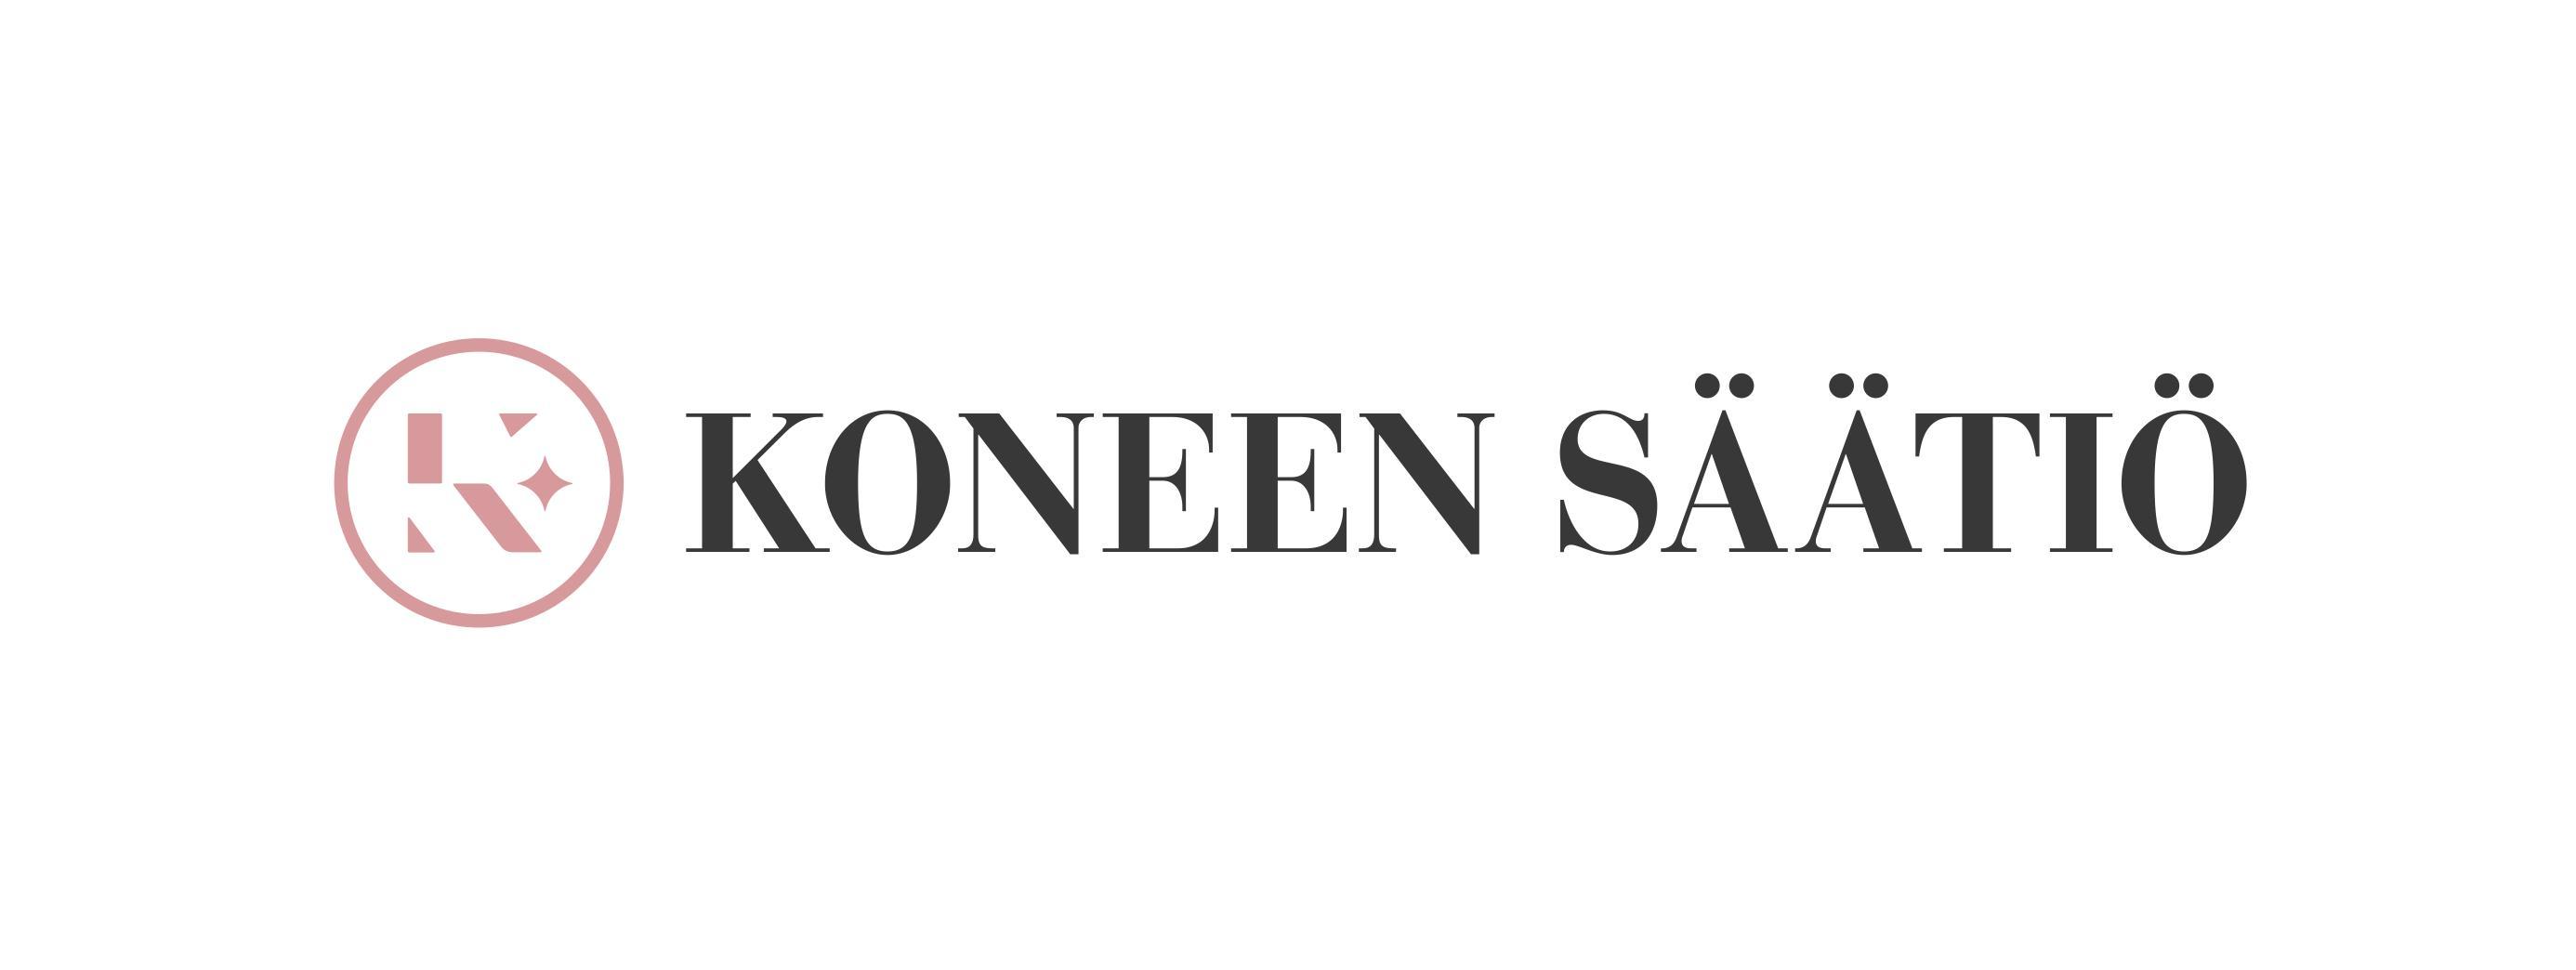 https://i0.wp.com/www.koneensaatio.fi/wp-content/uploads/pinkki-Koneensaatio-logo.jpg